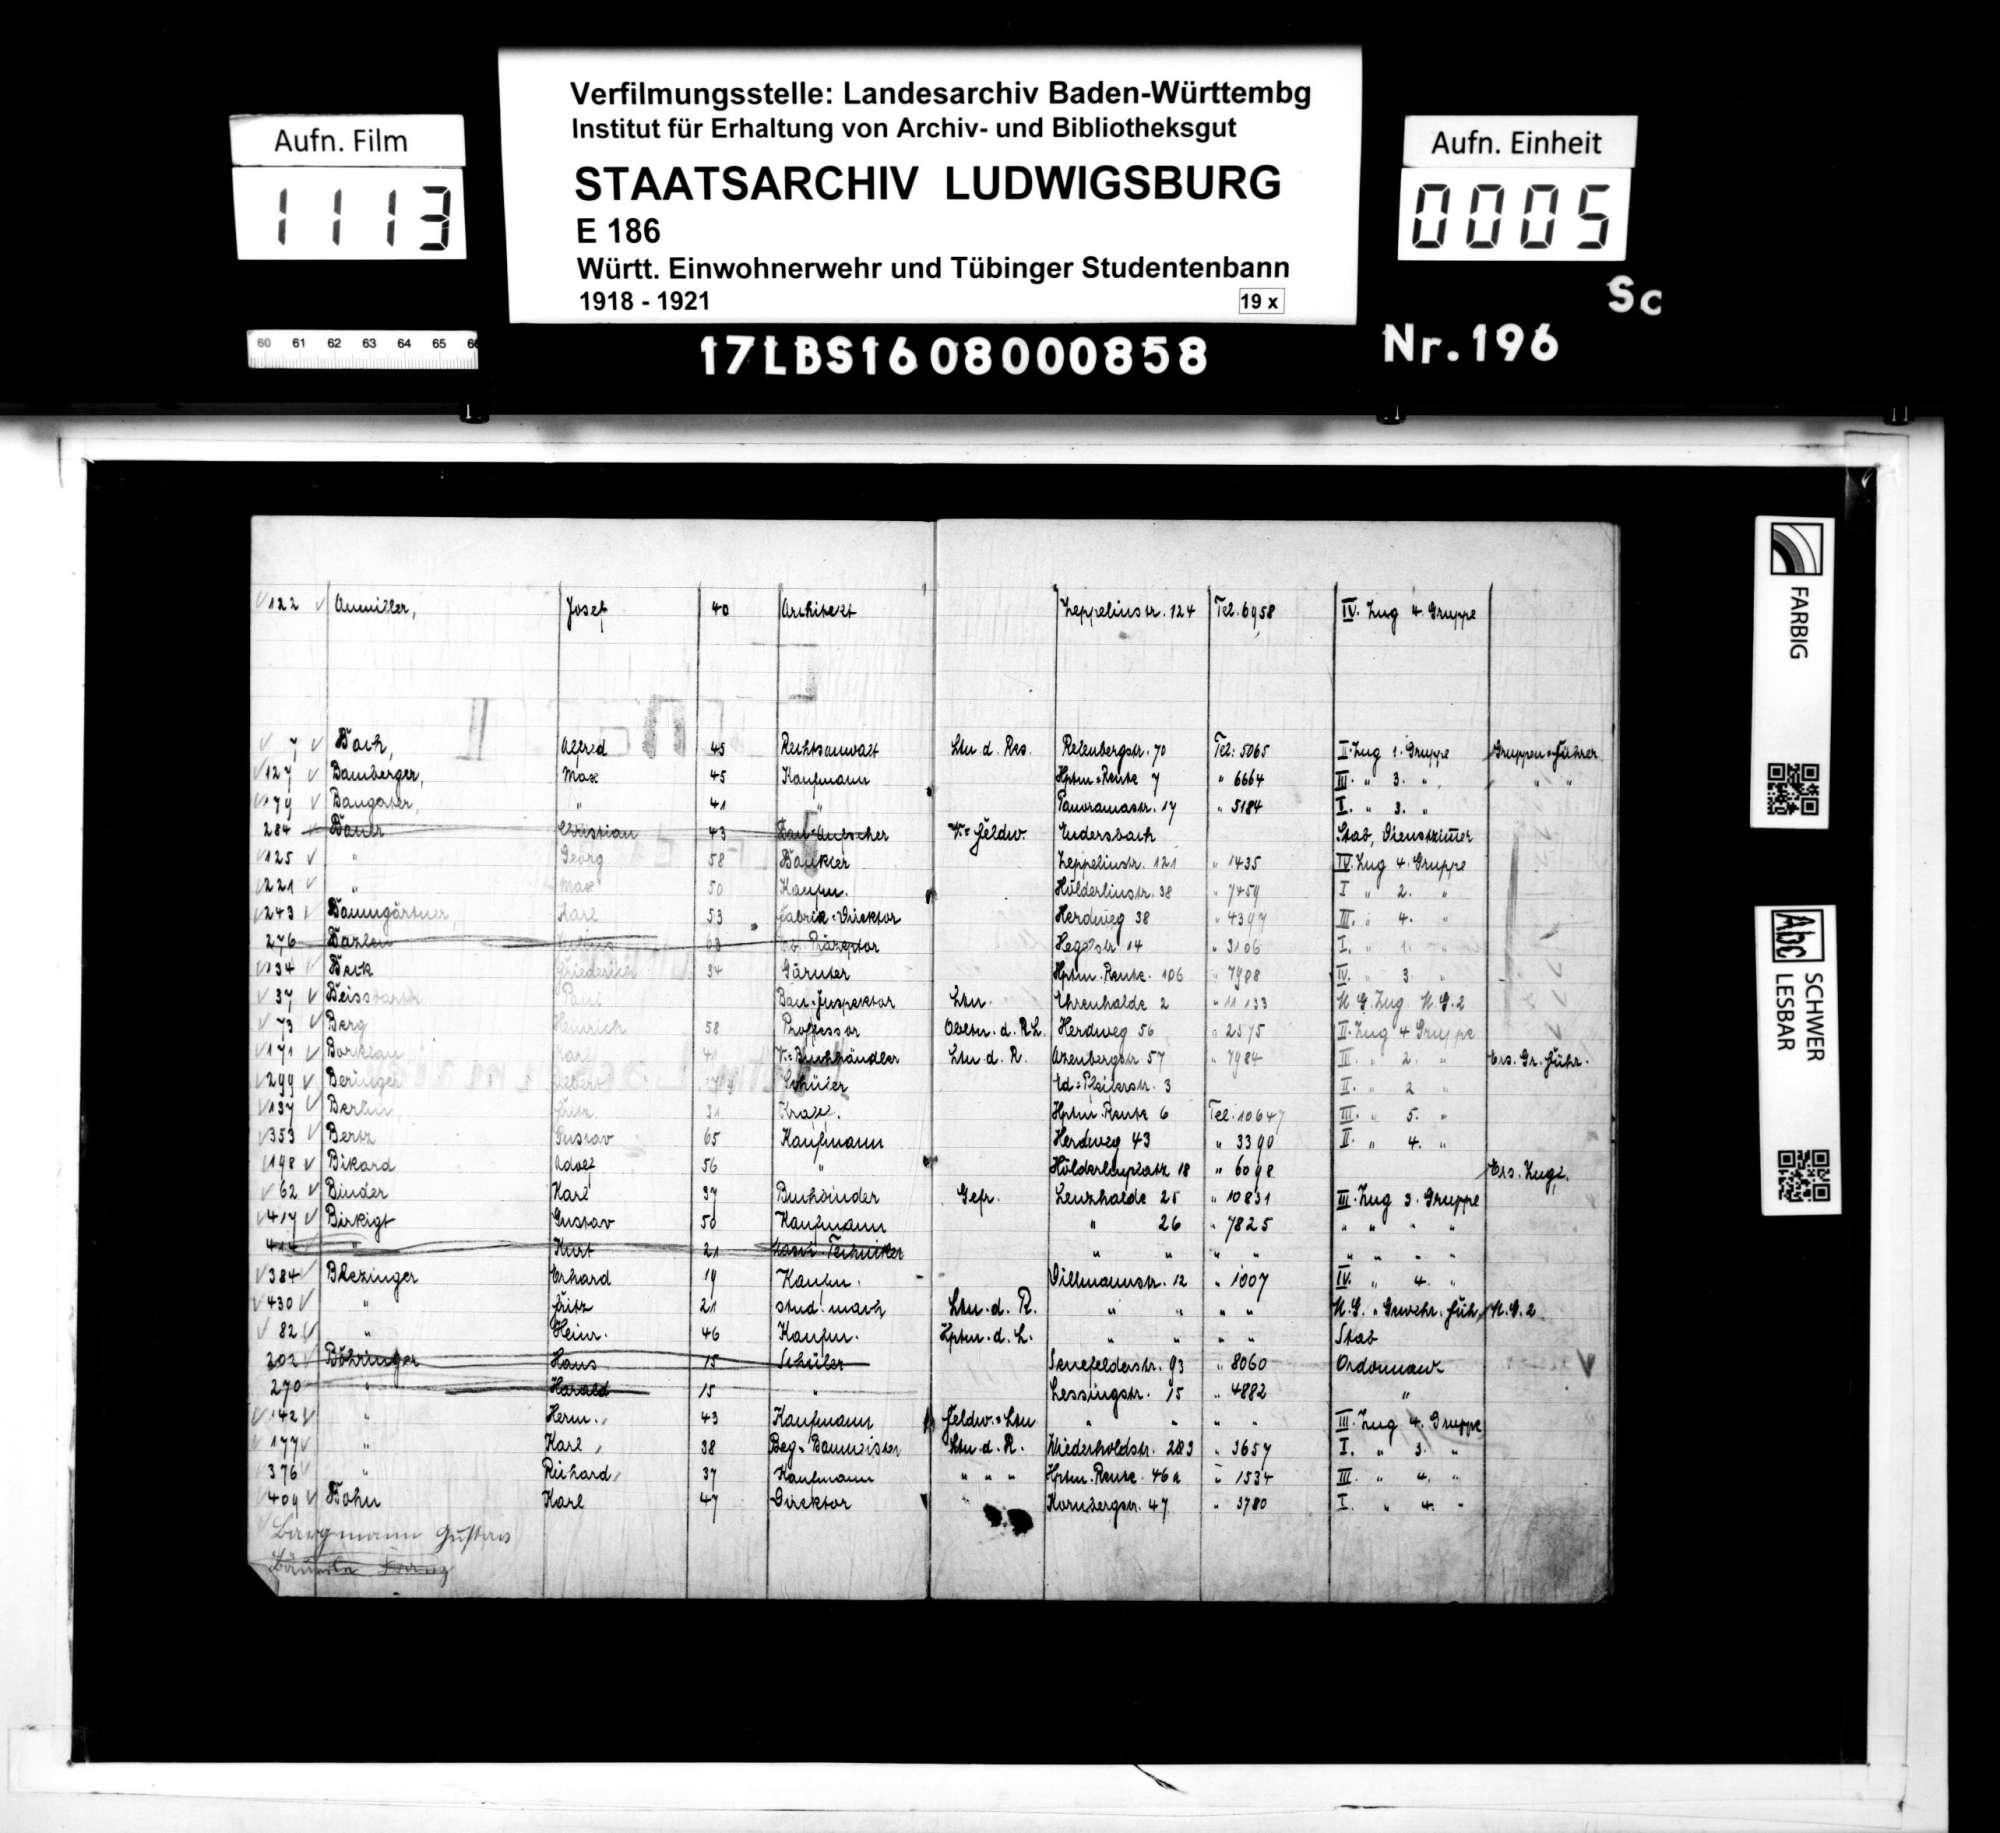 Bann 7/Schar 1 (Herdweg) (Major Lachenmaier): Namensliste, Bild 3